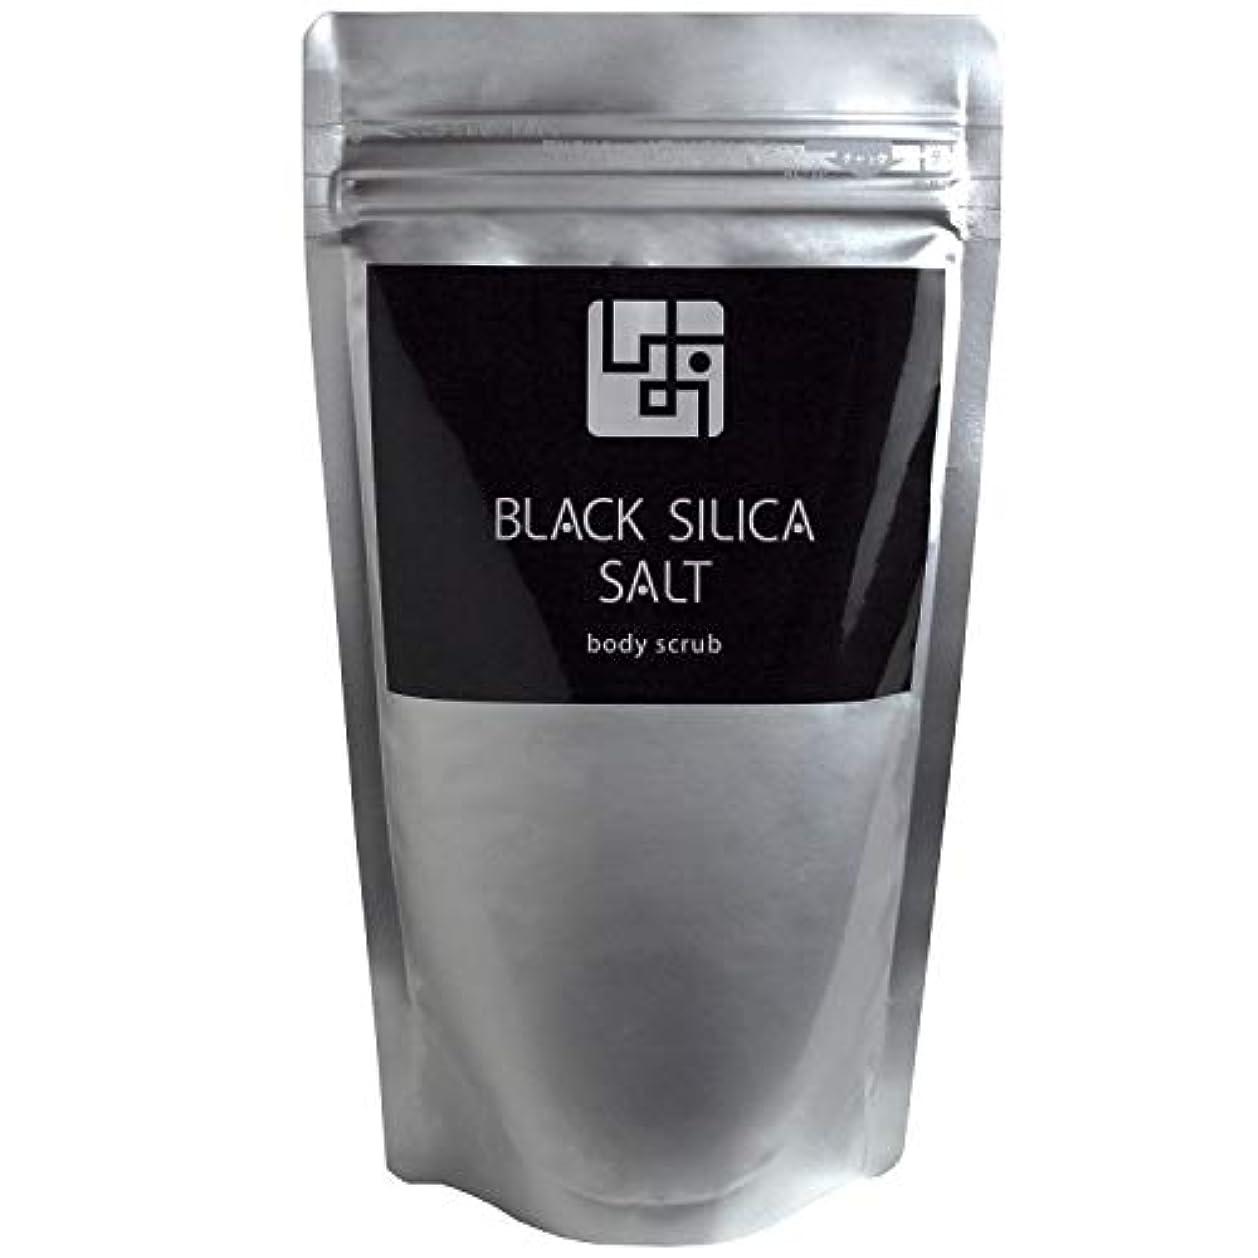 返還大いに詳細に【BLACK SILICA SALT】ブラックシリカソルト 黒ずみ?角質ケア専用 ボディ?スクラブ (全身用?粉末) 400g